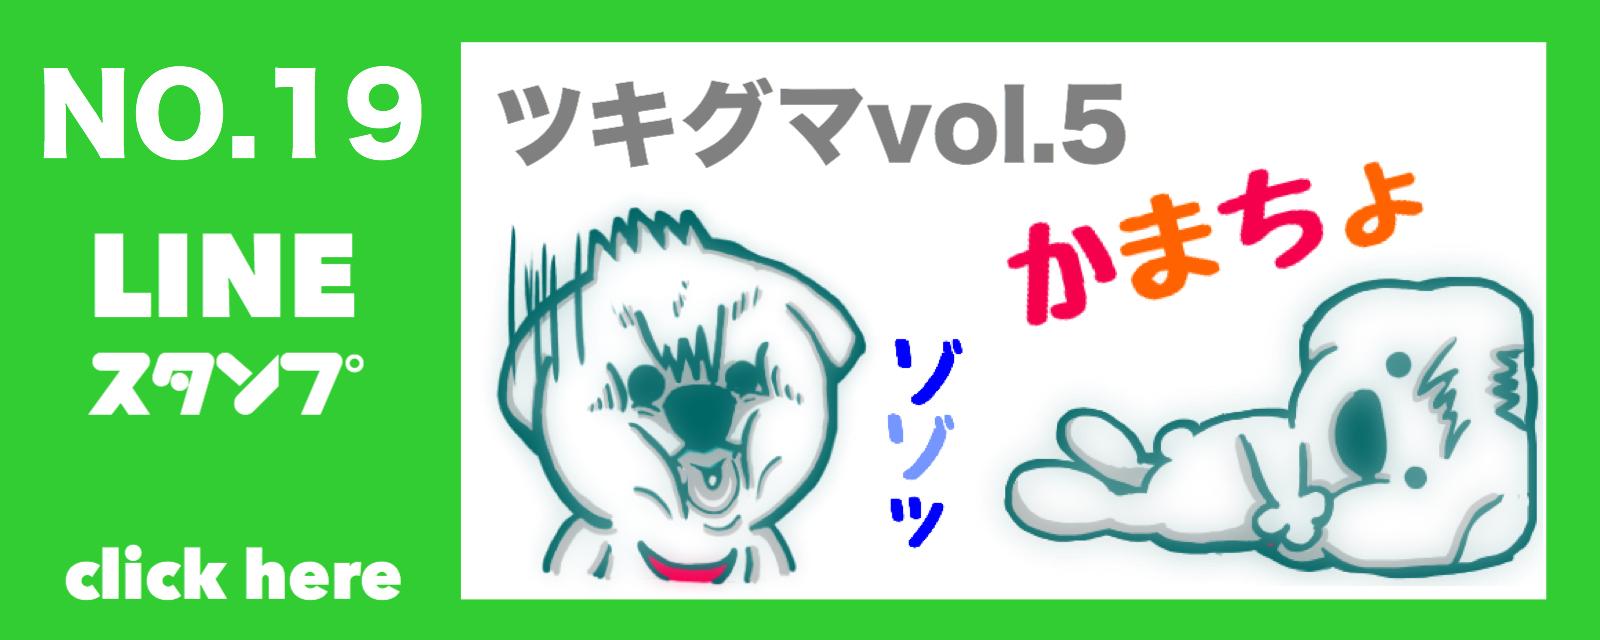 LINEスタンプツキグマシリーズ5